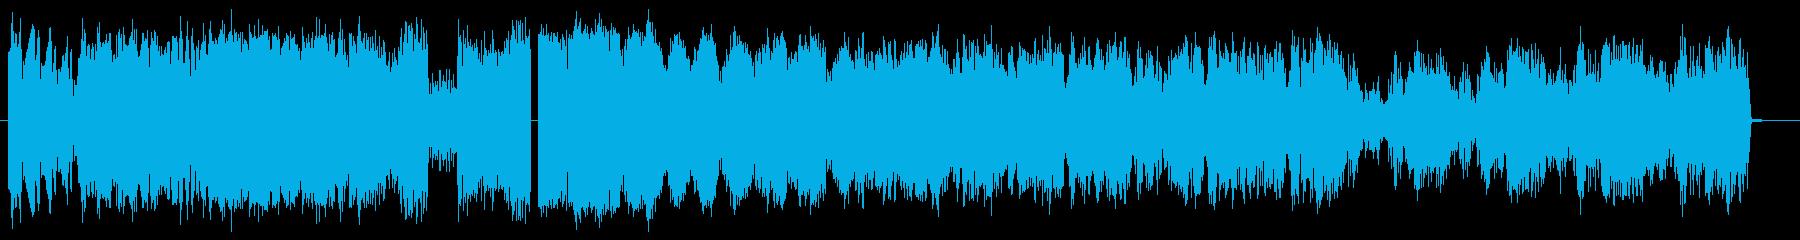 シャープラピッドフラッタートランジ...の再生済みの波形